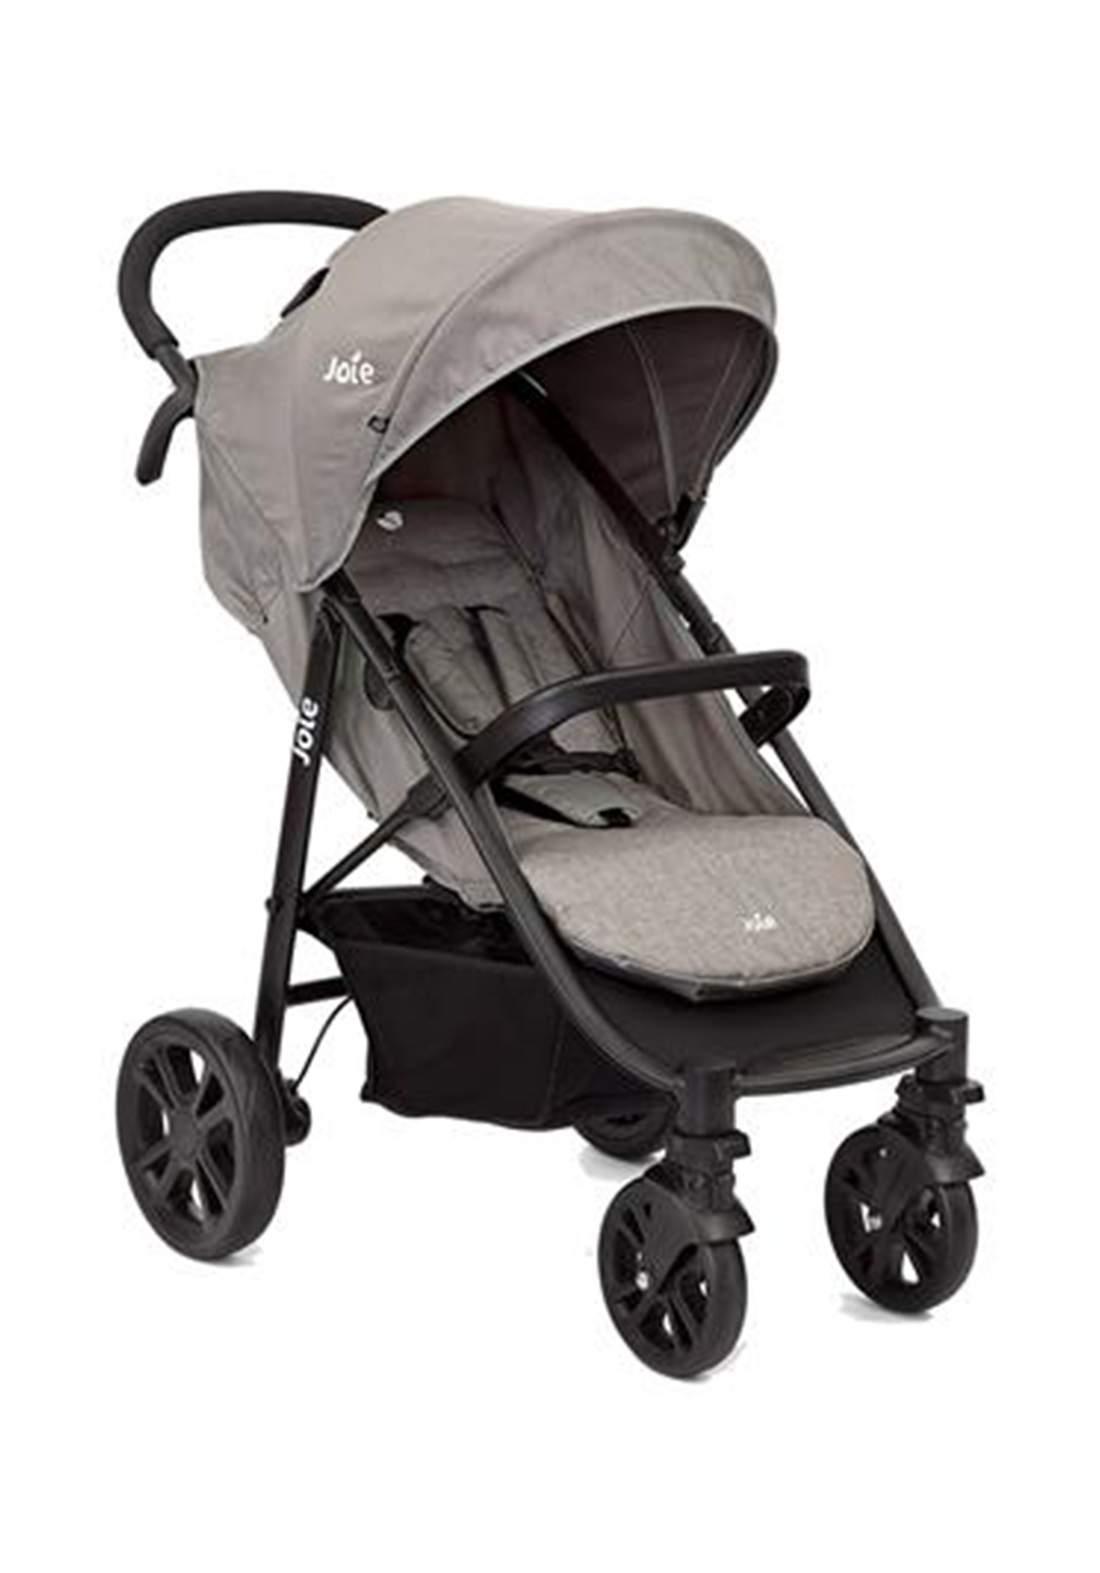 عربة اطفال  15 كغم Joie Baby S1112SAGFL000 stroller Litetrax E Gray Flannelstroller Litetrax E Gray Flannel